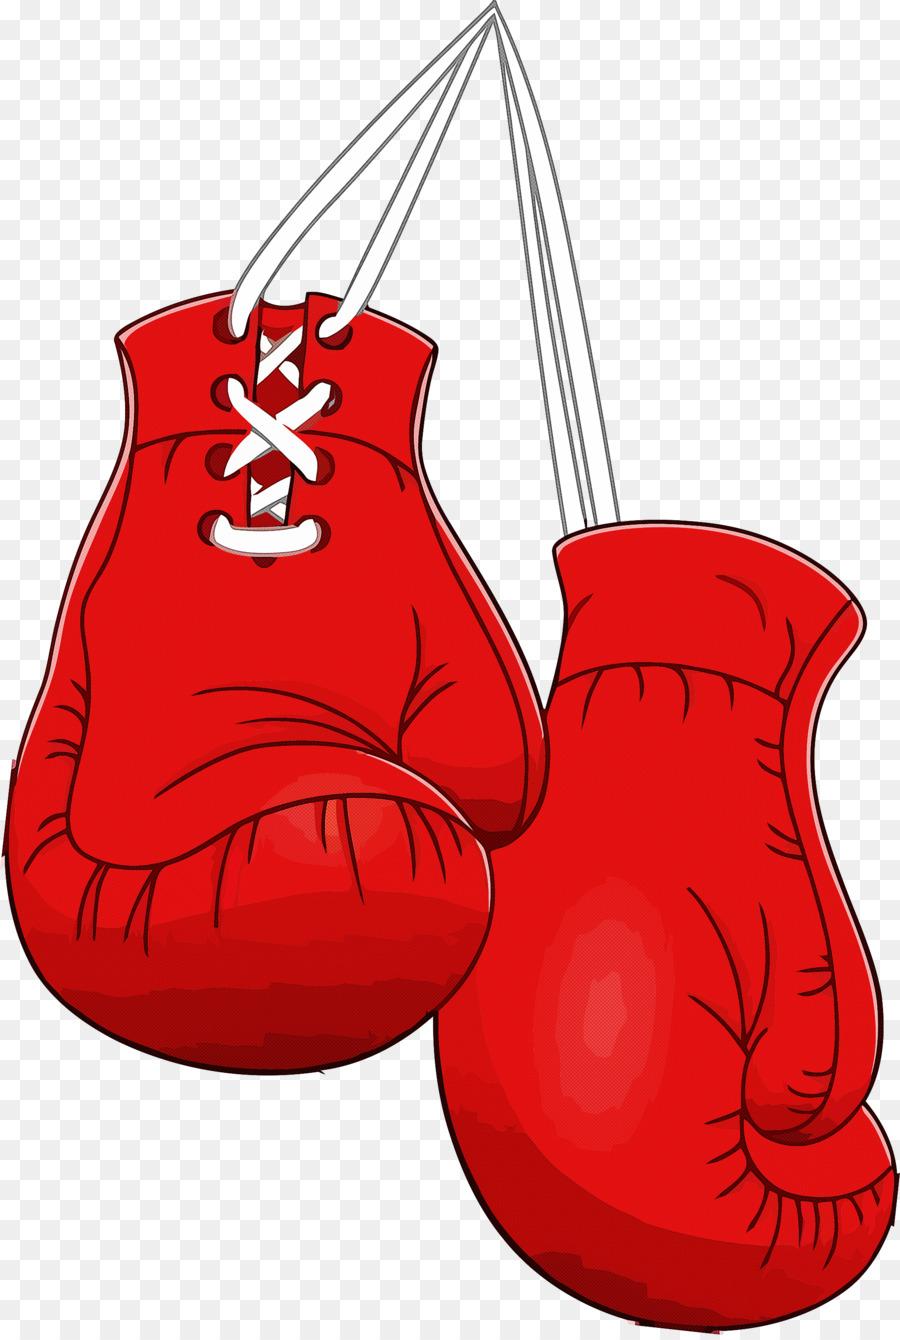 Descarga gratuita de Guante De Boxeo, Rojo, Equipo De Boxeo imágenes PNG